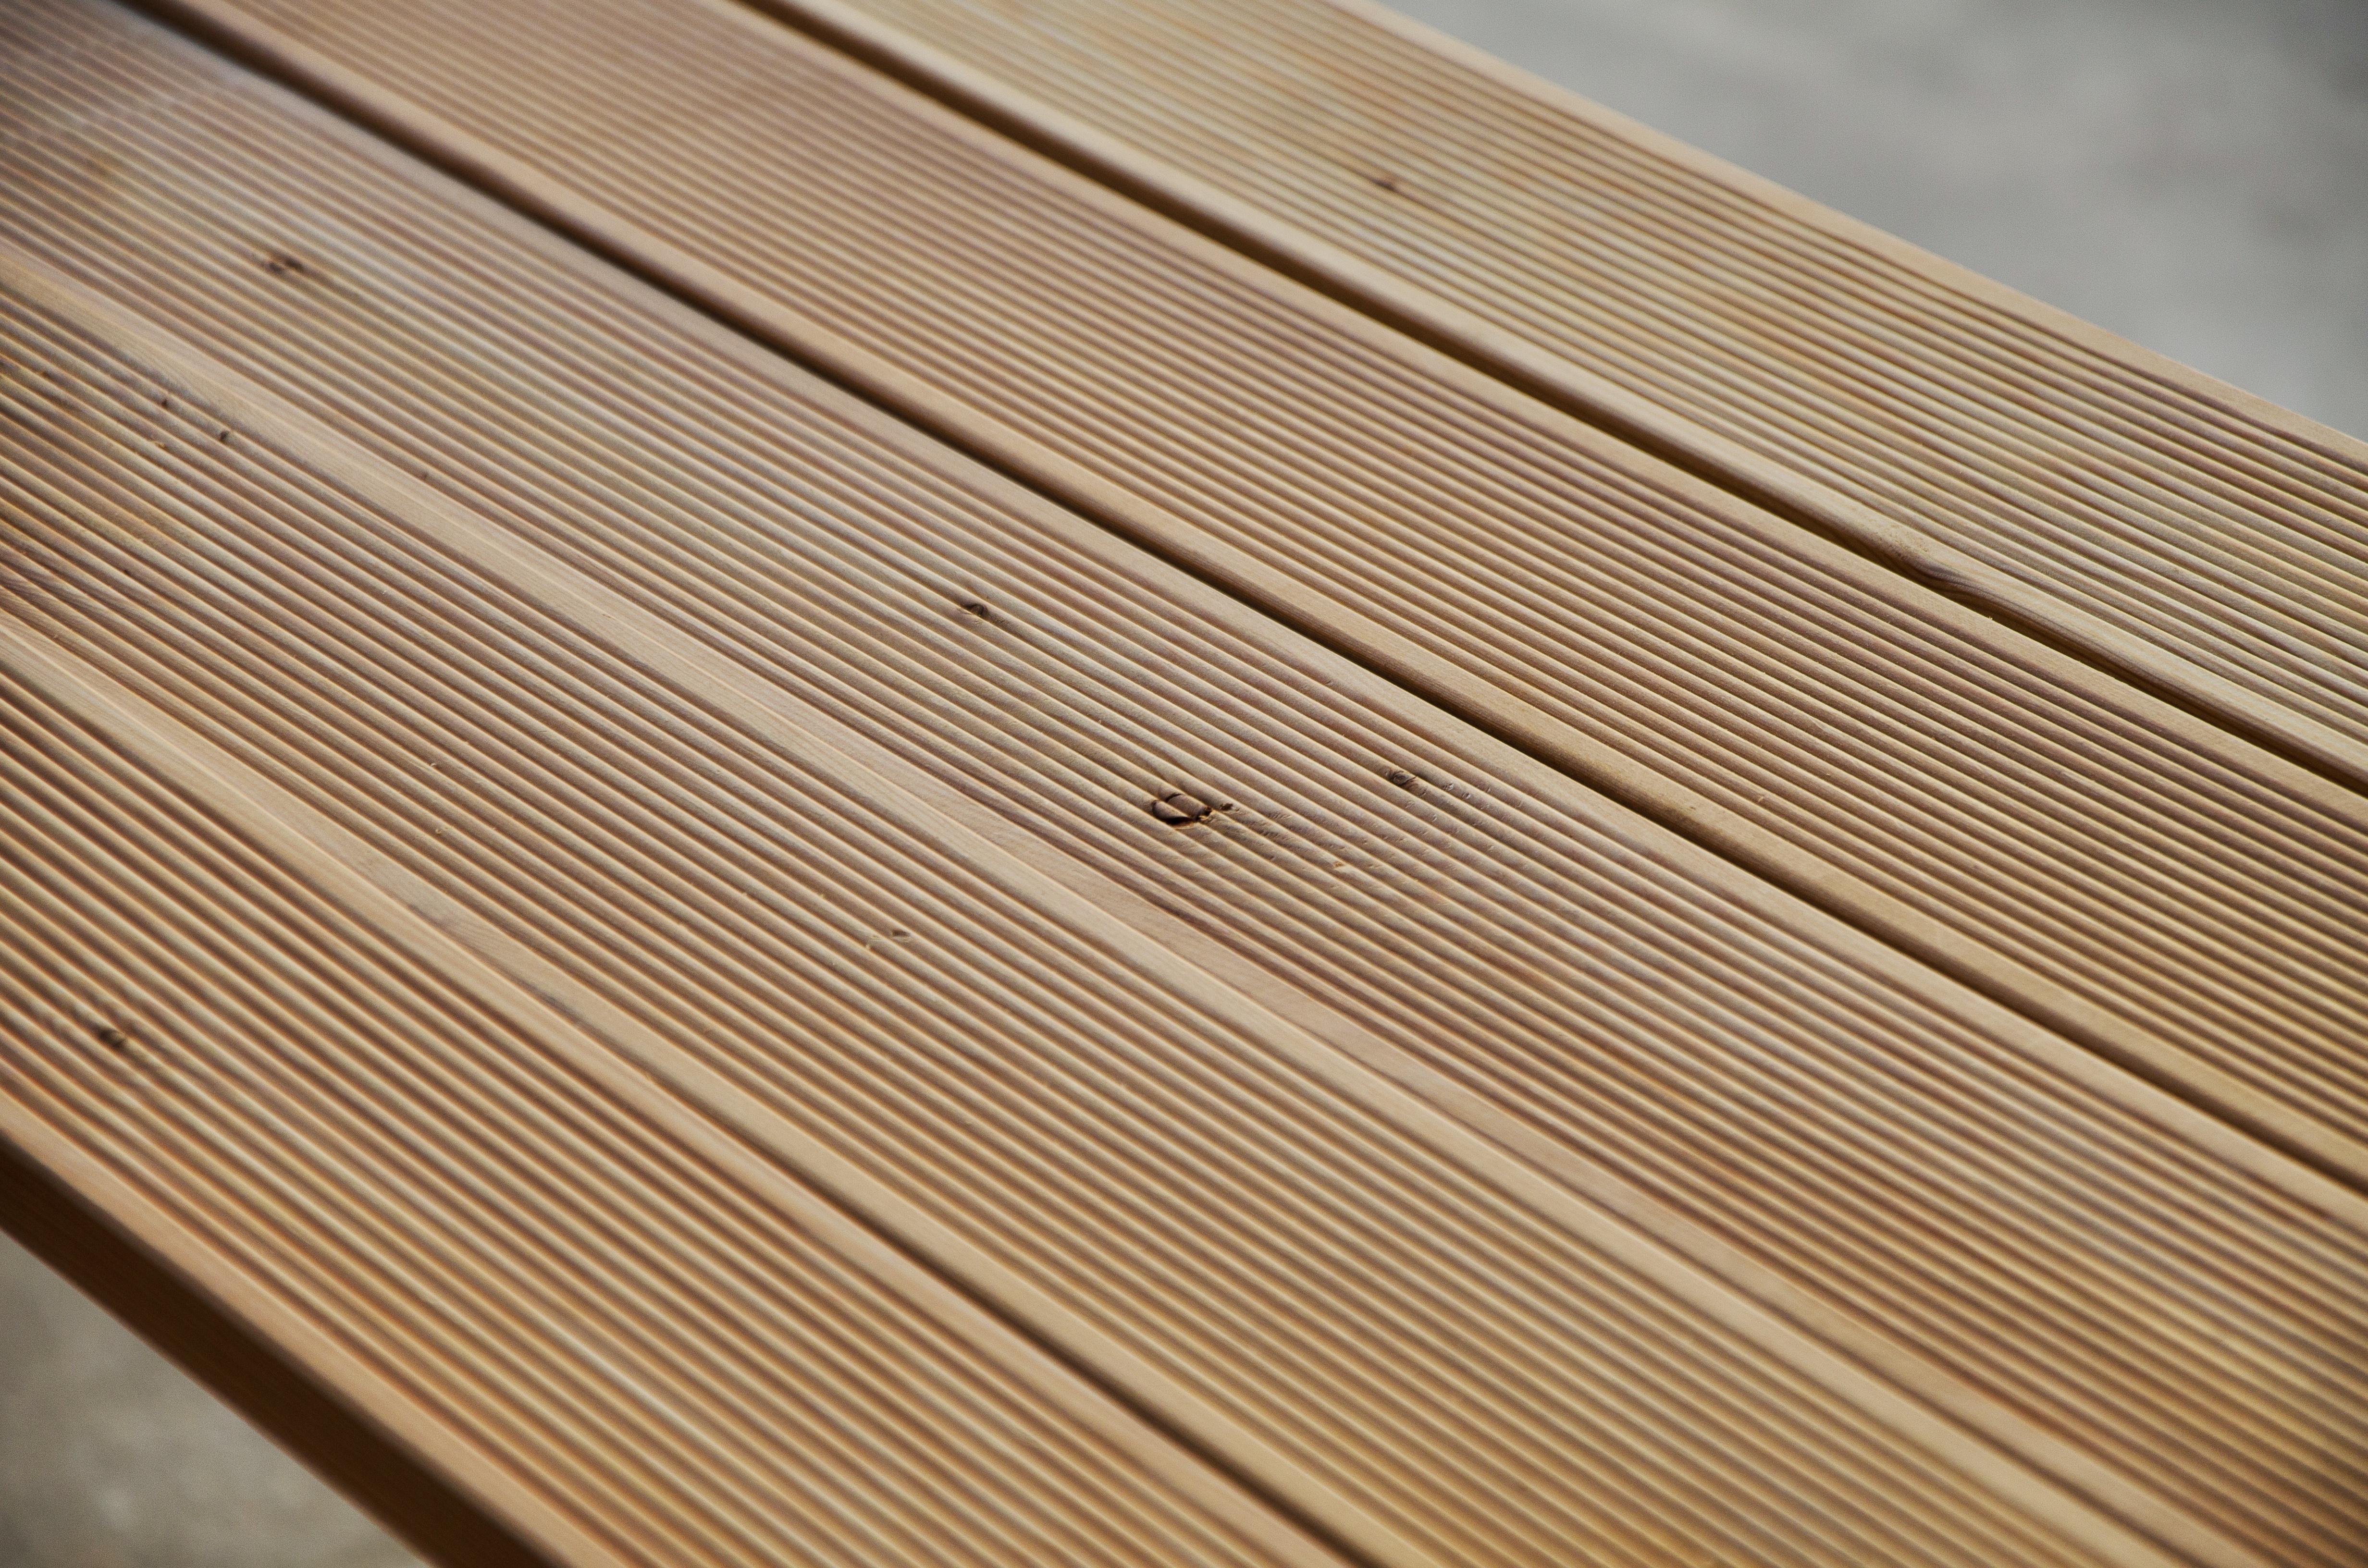 Pavimento maxilistone in legno da esterno decking larice - Tavole di larice piallate ...